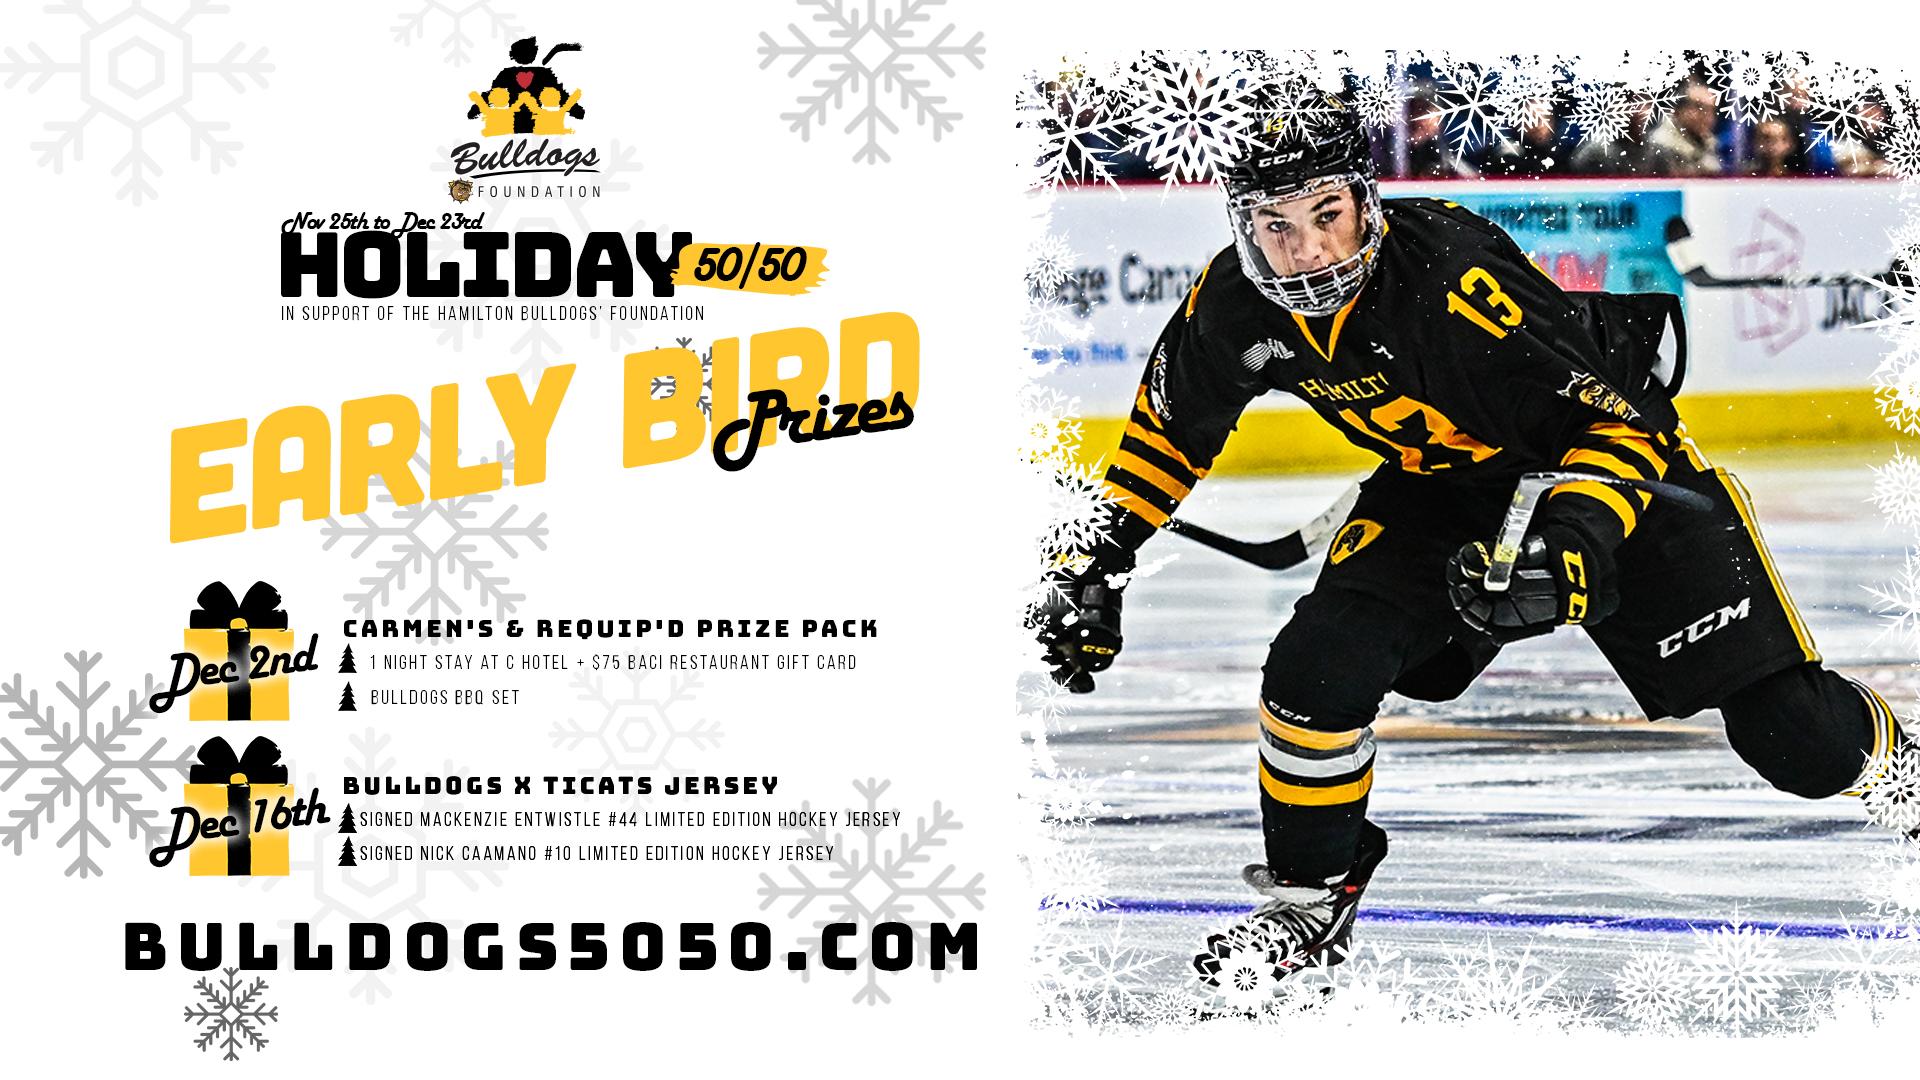 Hamilton Bulldogs 50/50 Holiday raffle